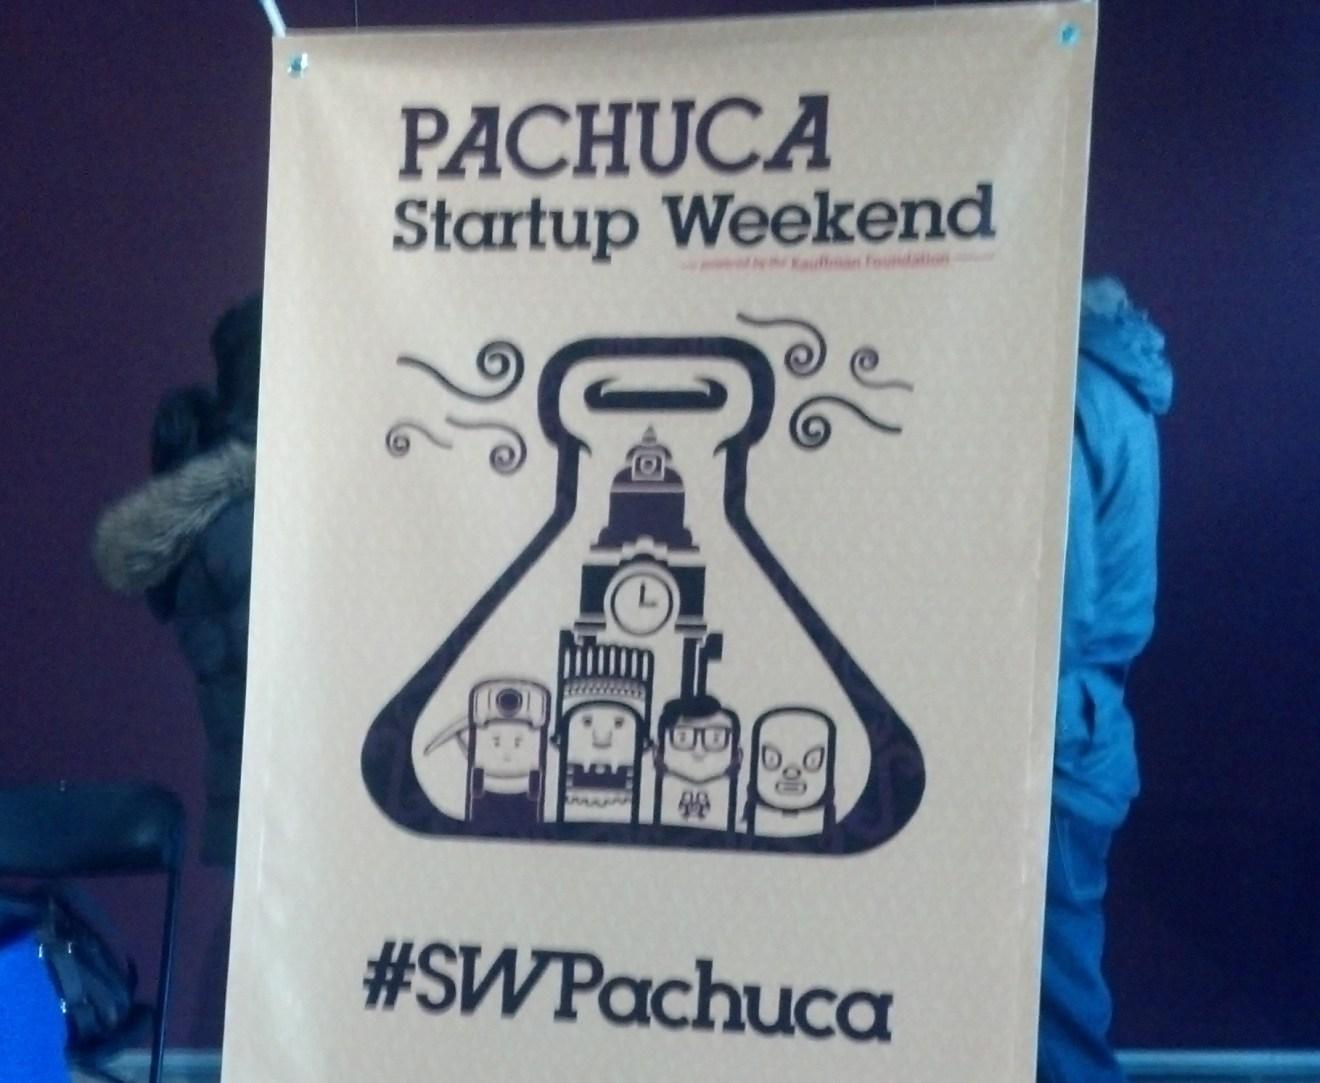 startup weekend pachuca